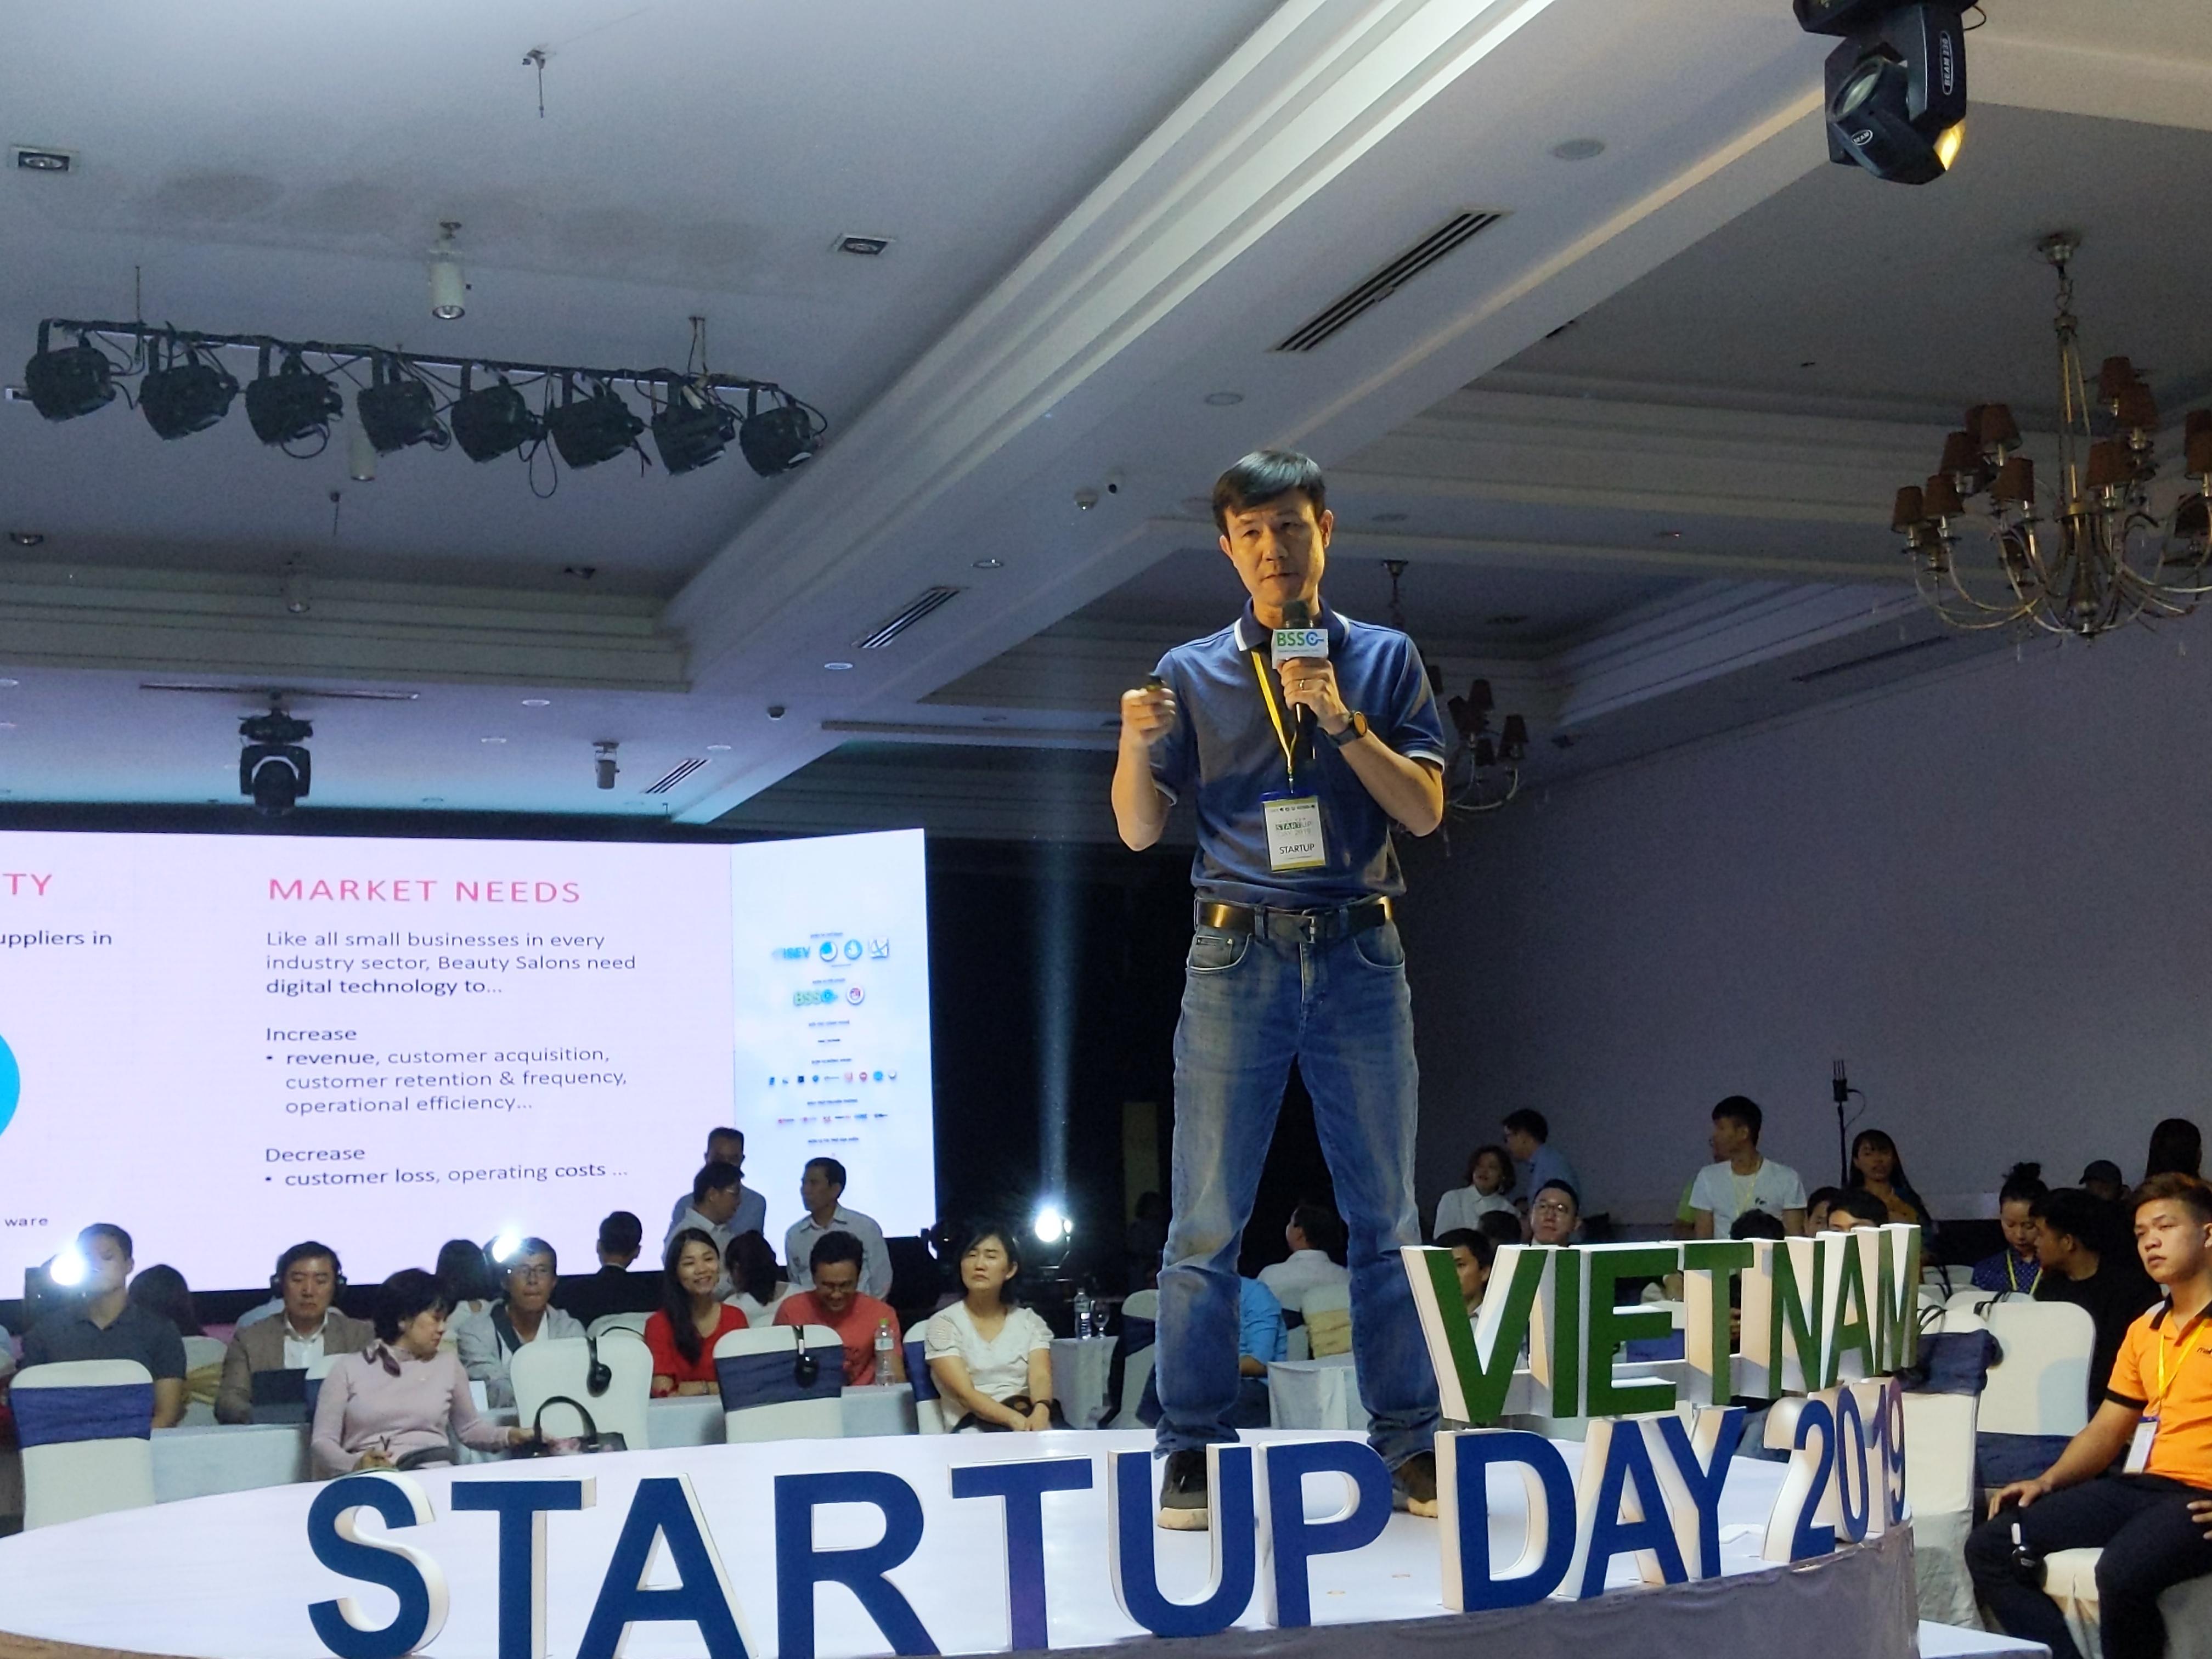 Một startup từ Đà Nẵng vào dự phần pitching ở sân khấu giữa hội trường. Ảnh: T.Bung